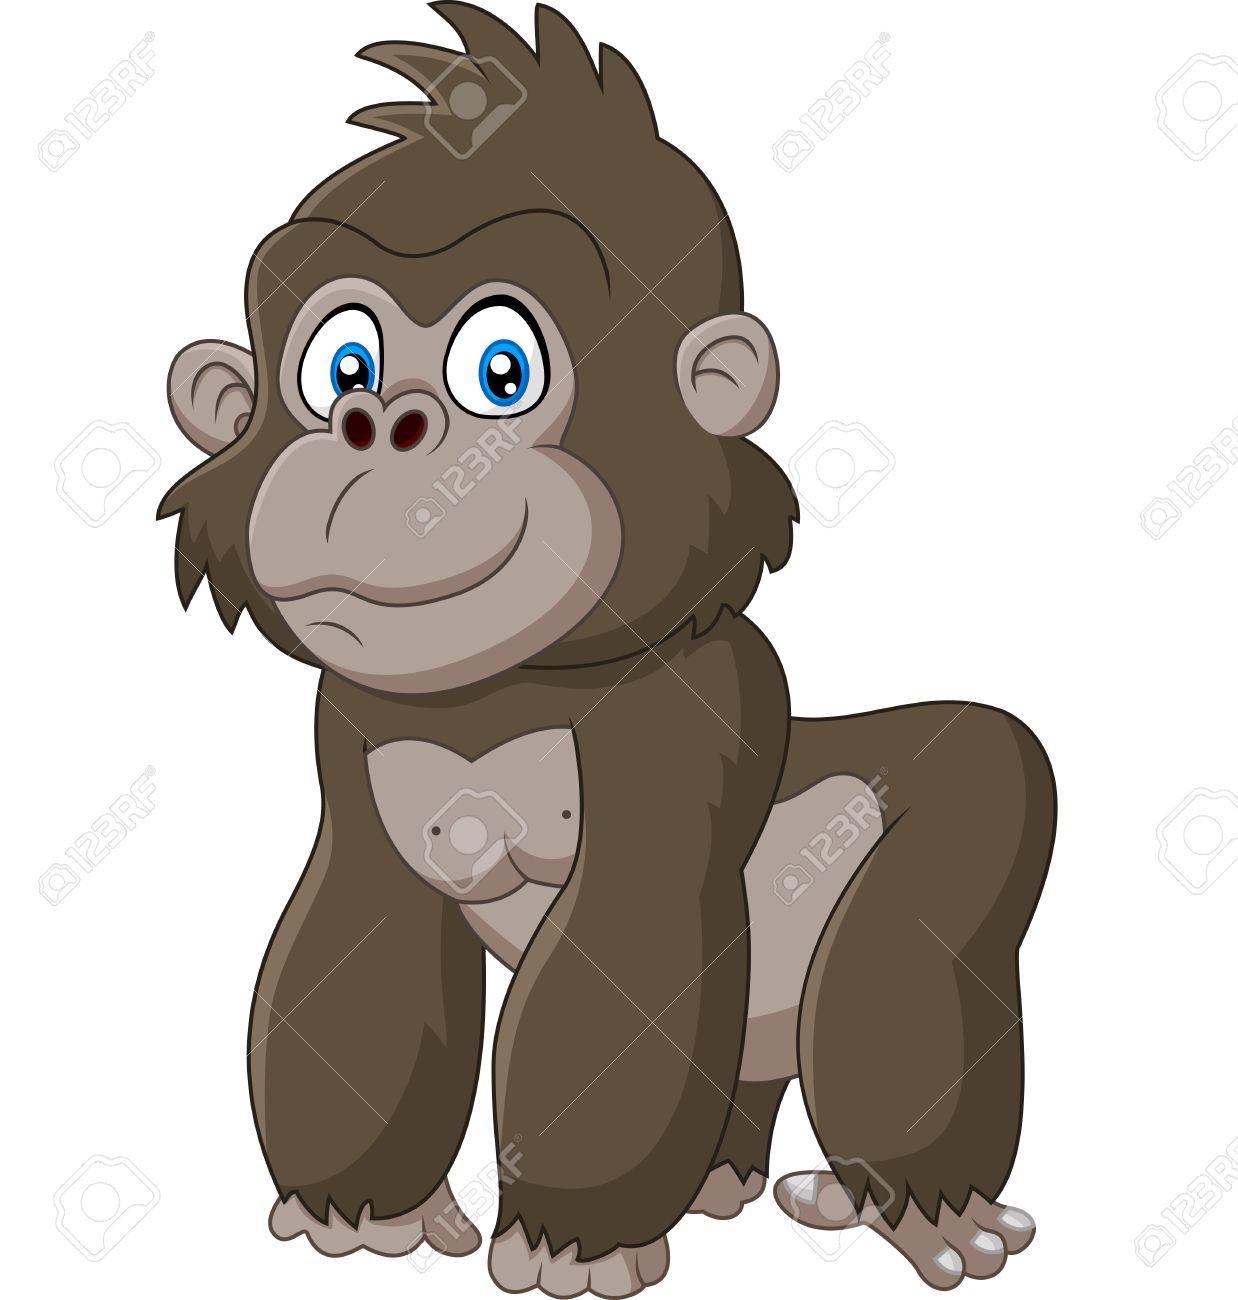 Populaire Bébé Mignon Dessin Animé Gorille Clip Art Libres De Droits  DT91